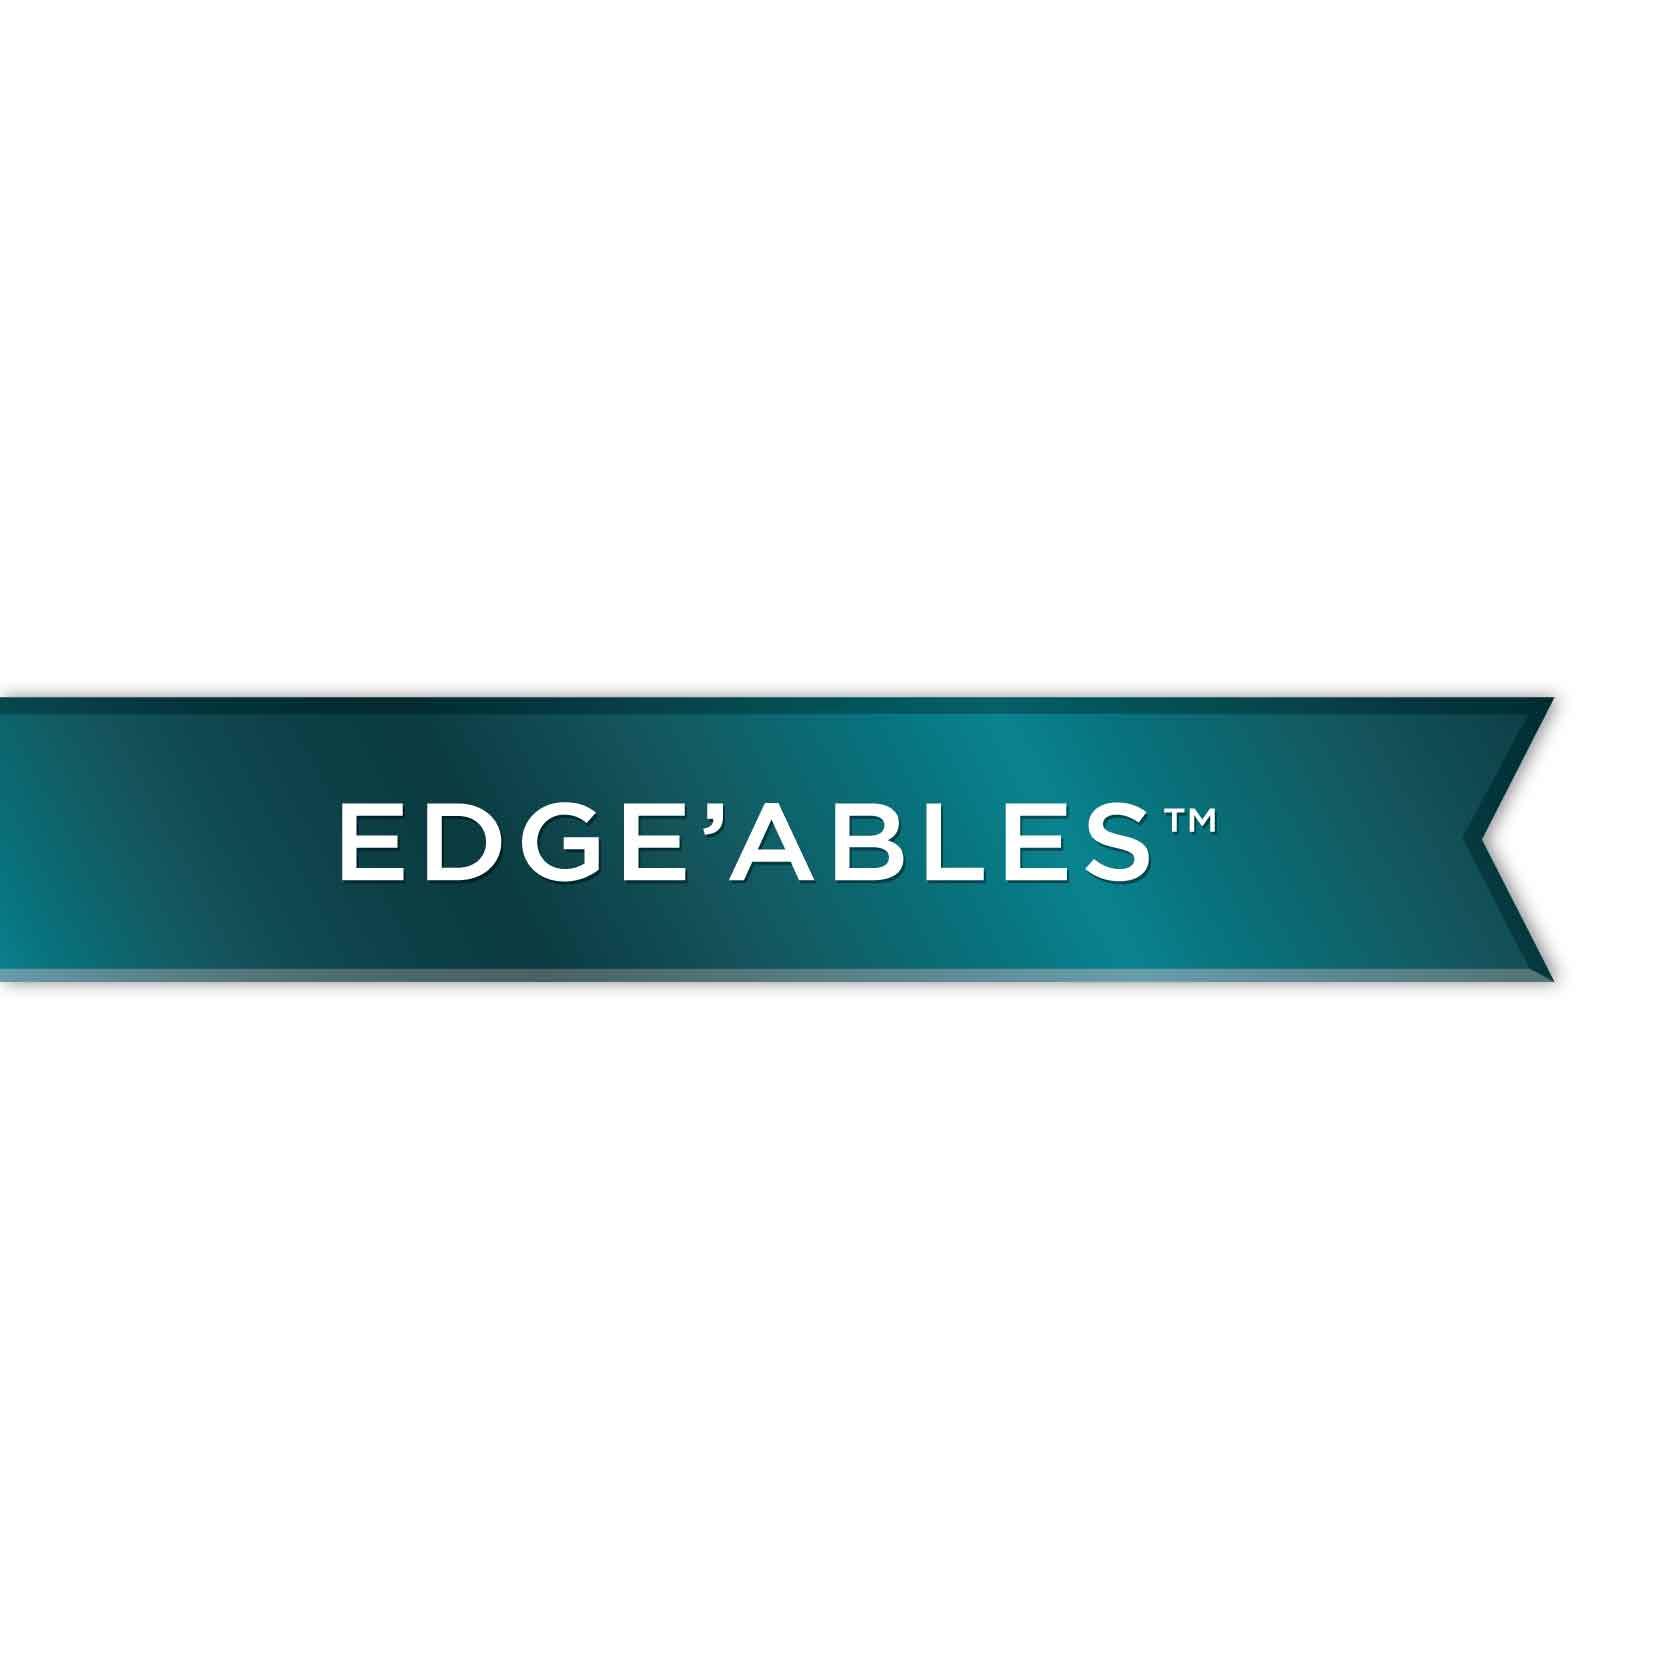 Edge'ables